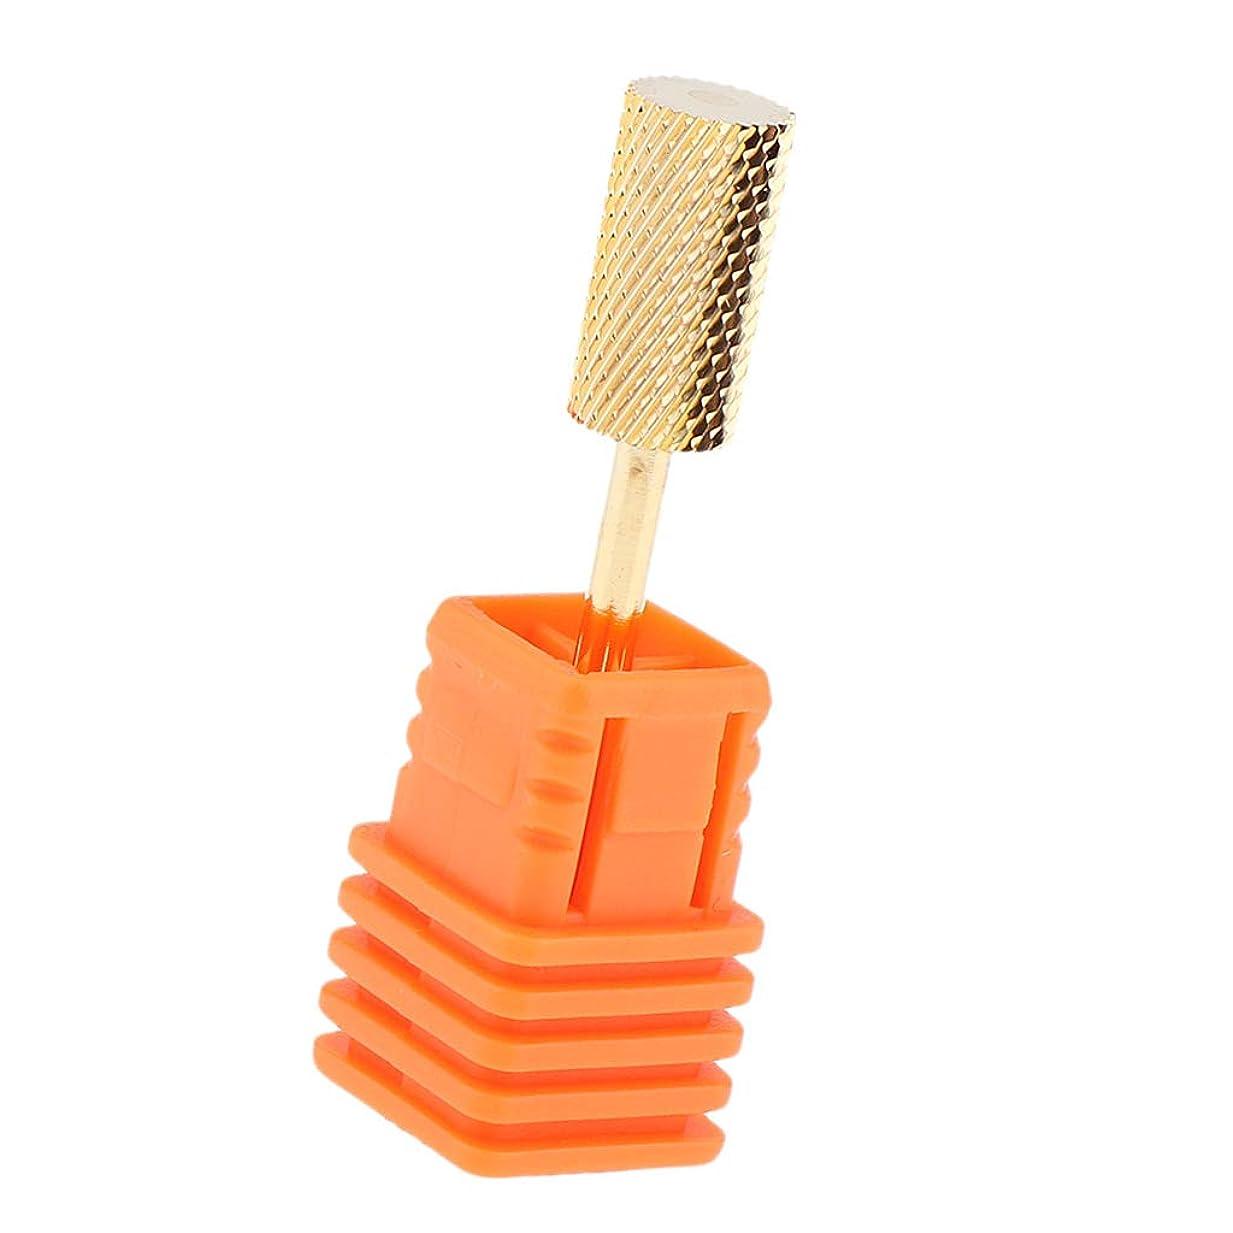 強調するスローガン強化CUTICATE ネイルアート ドリルビット ネイルチップ 研削ヘッド ネイルサロン 研削 配線 研磨 全6スタイル - M